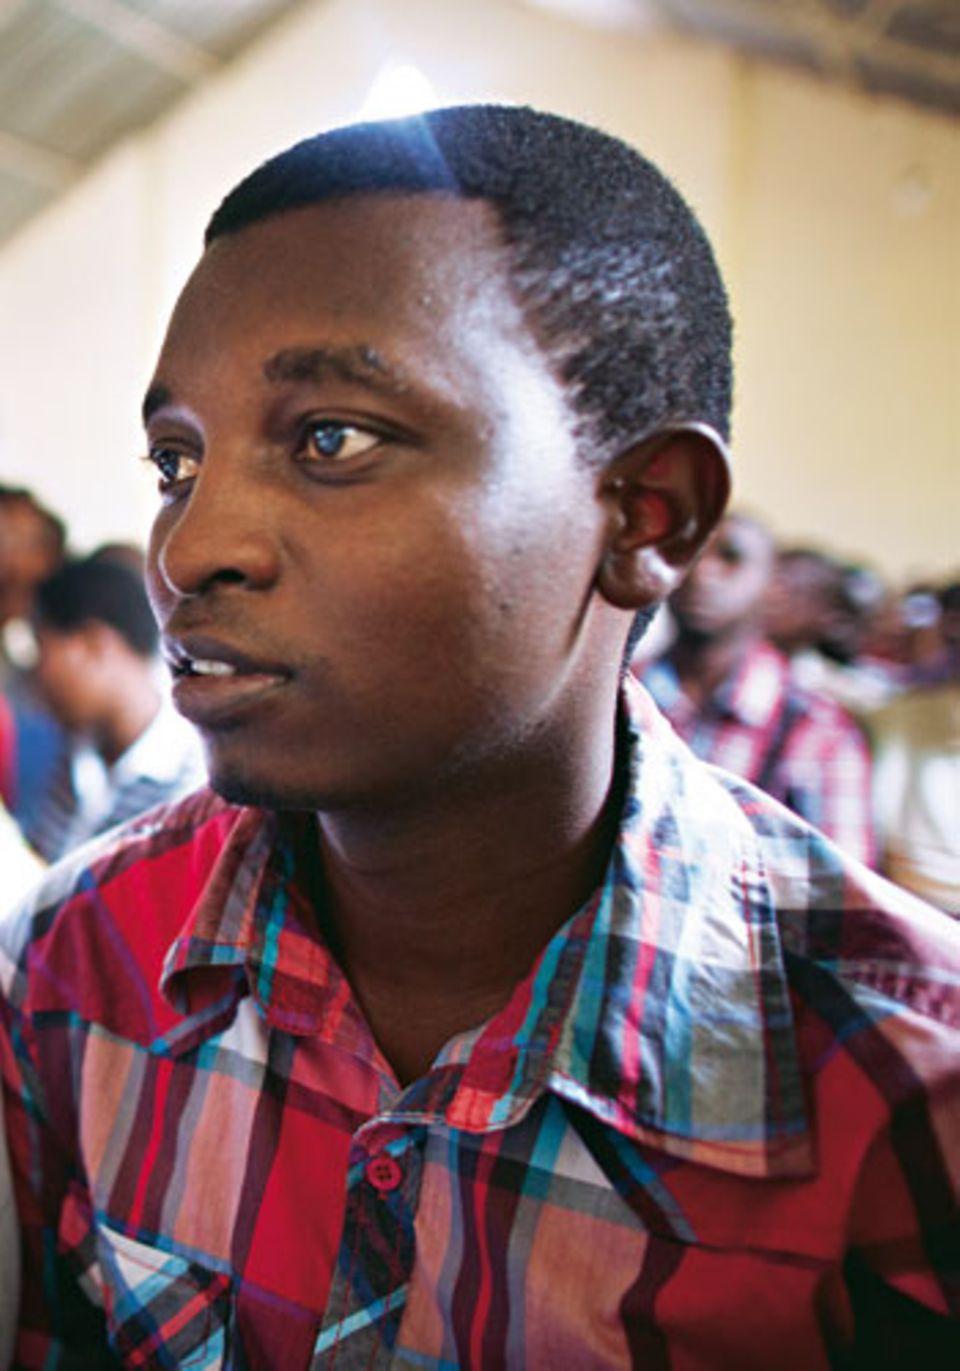 Placide hat Betriebswirtschaft studiert. Er überlebte das Massaker in der Kirche von Musha